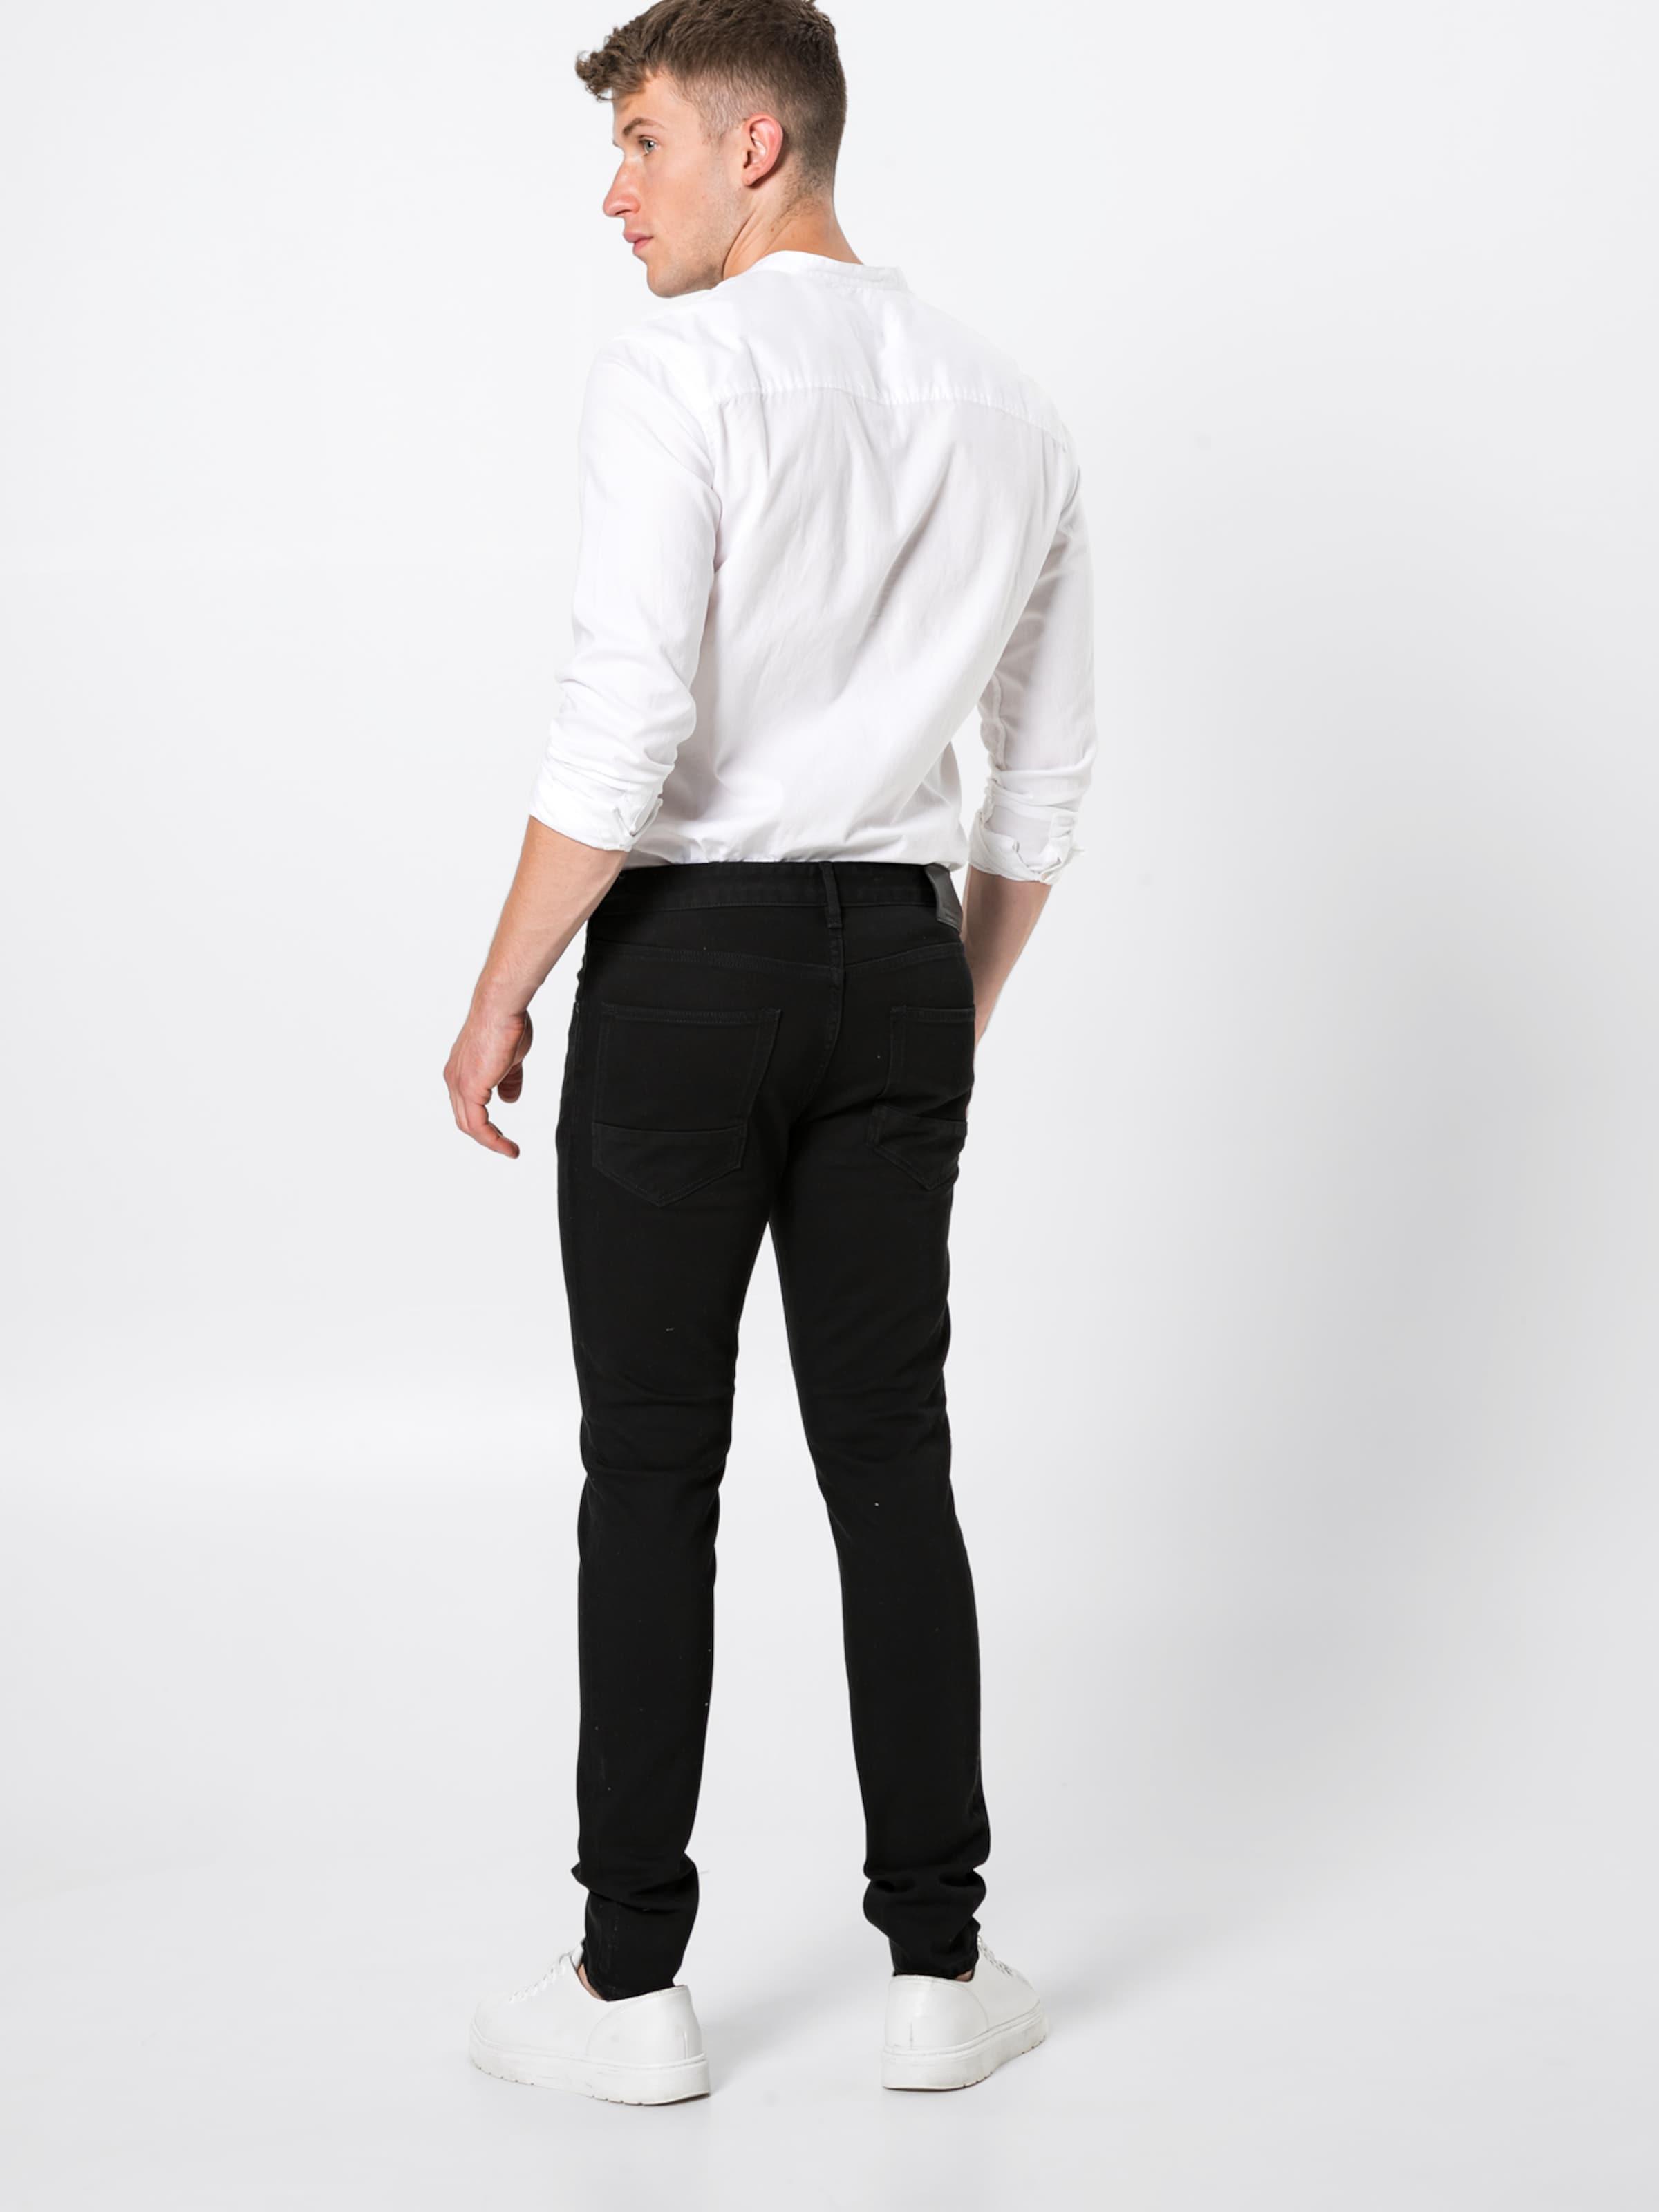 Scotchamp; Denim In Black 'skimStay Jeans Soda Black' KcTJlF13